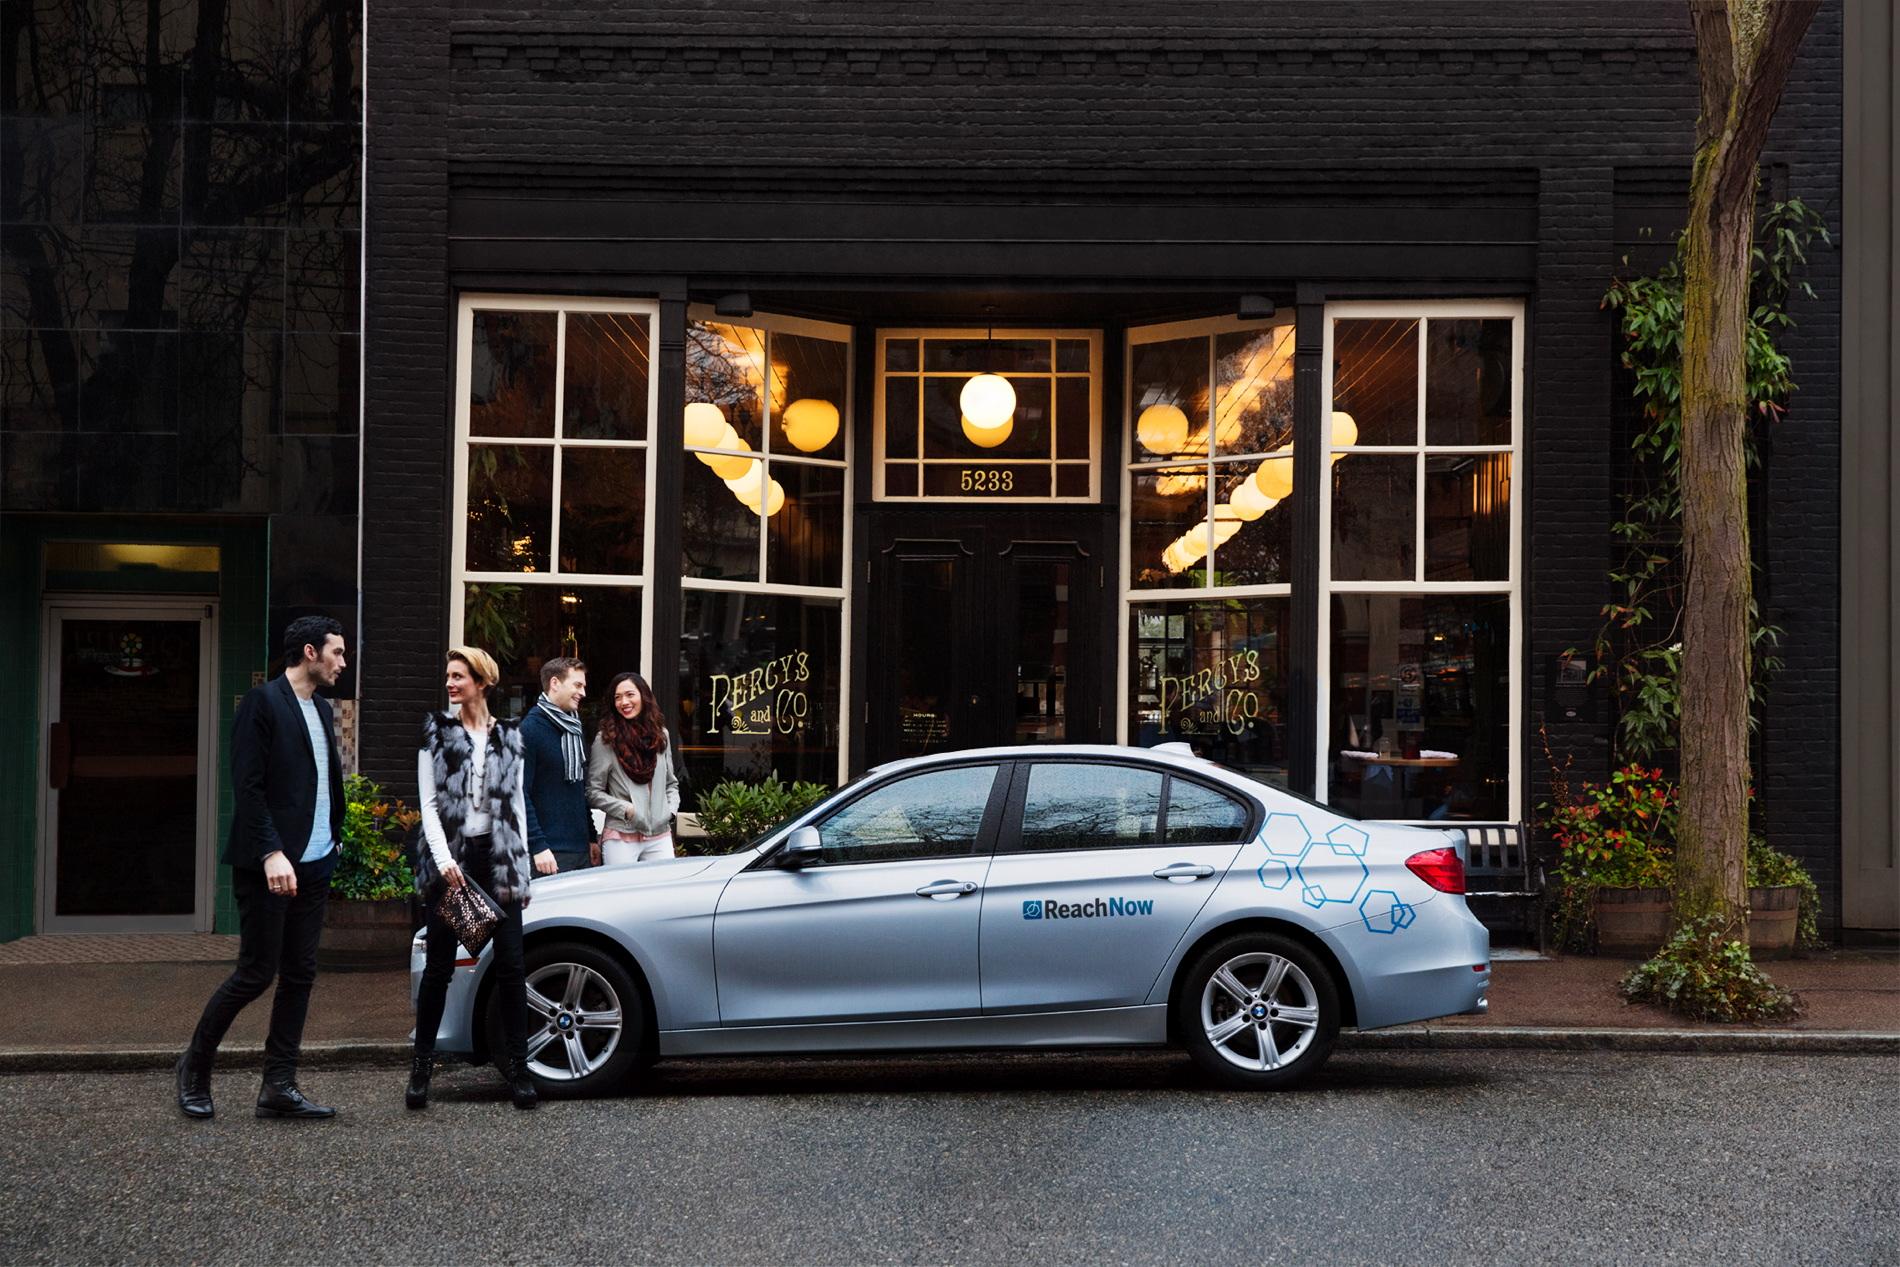 BMW ReachNow 1